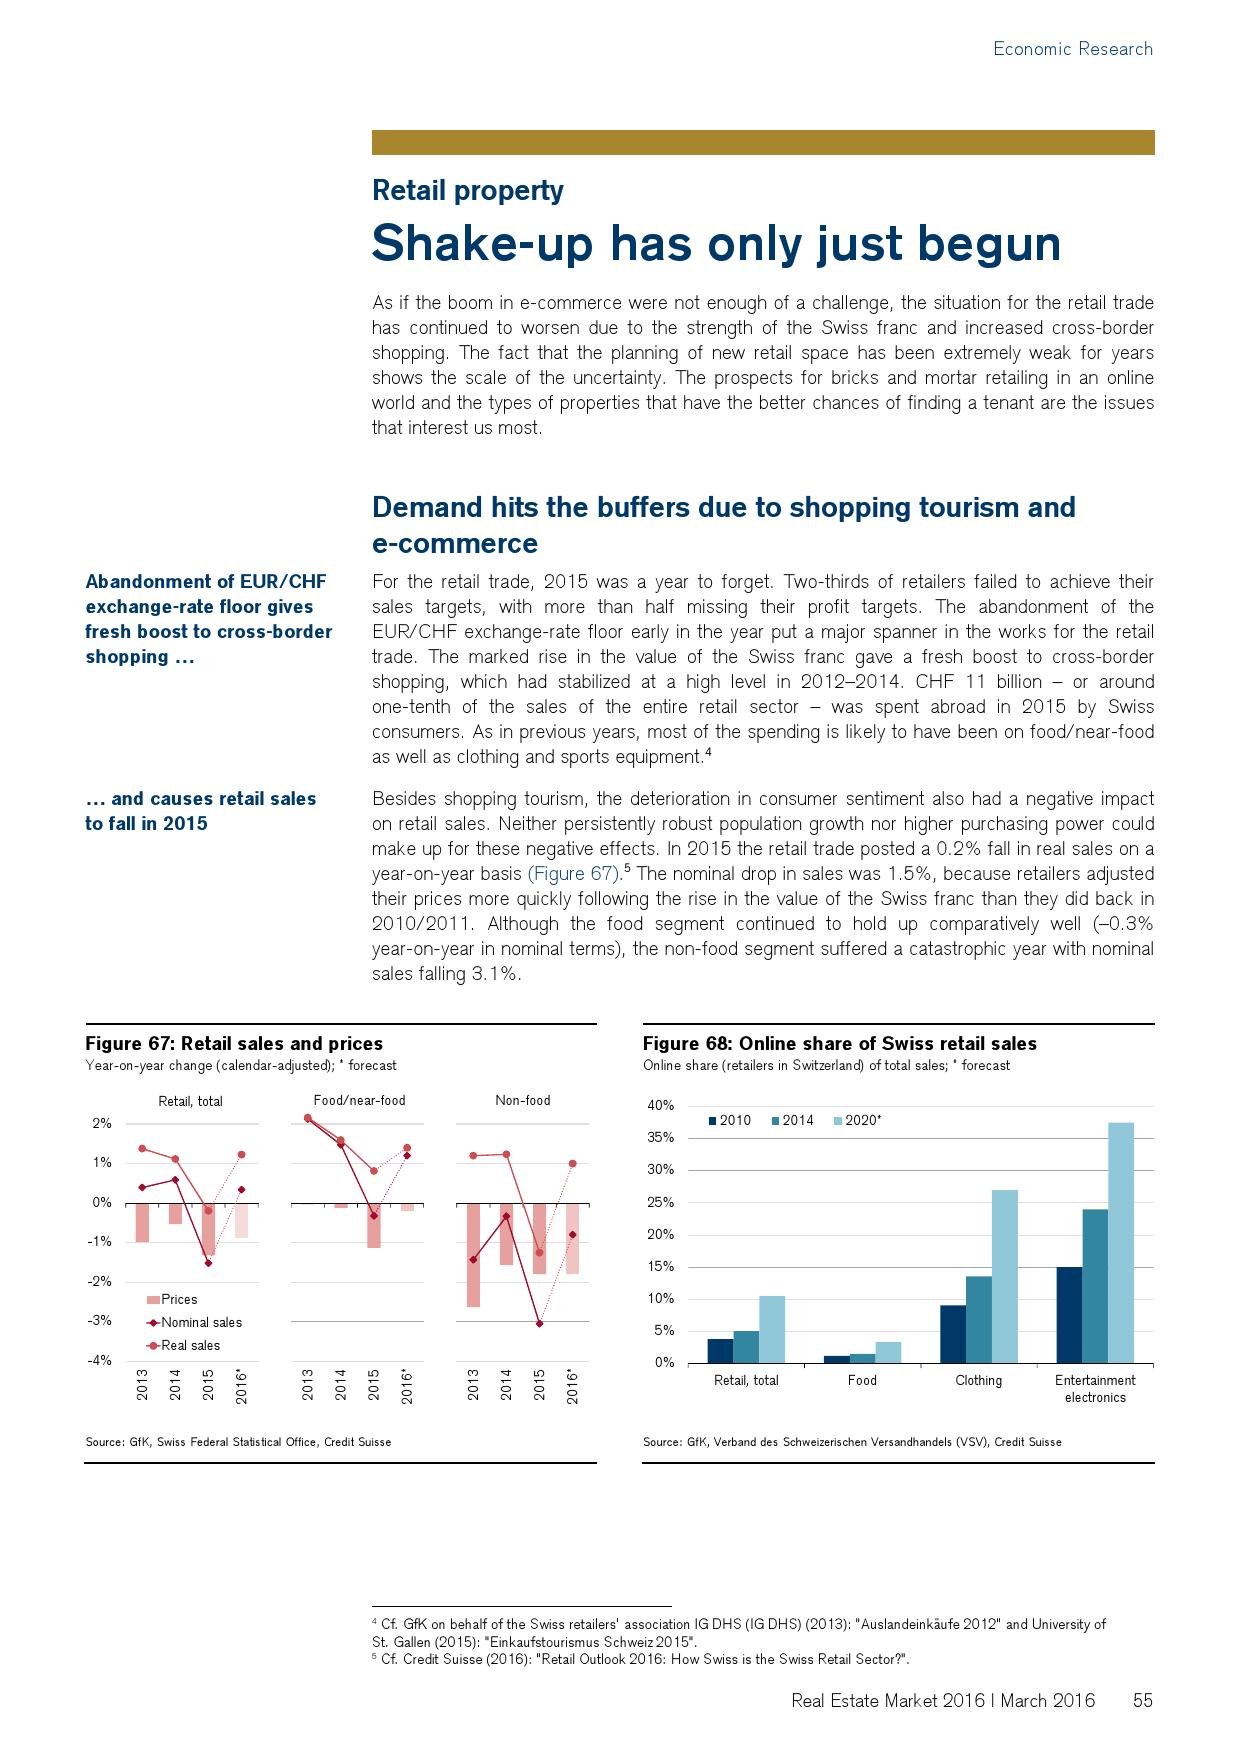 2016年瑞士房地产市场研究报告_000055